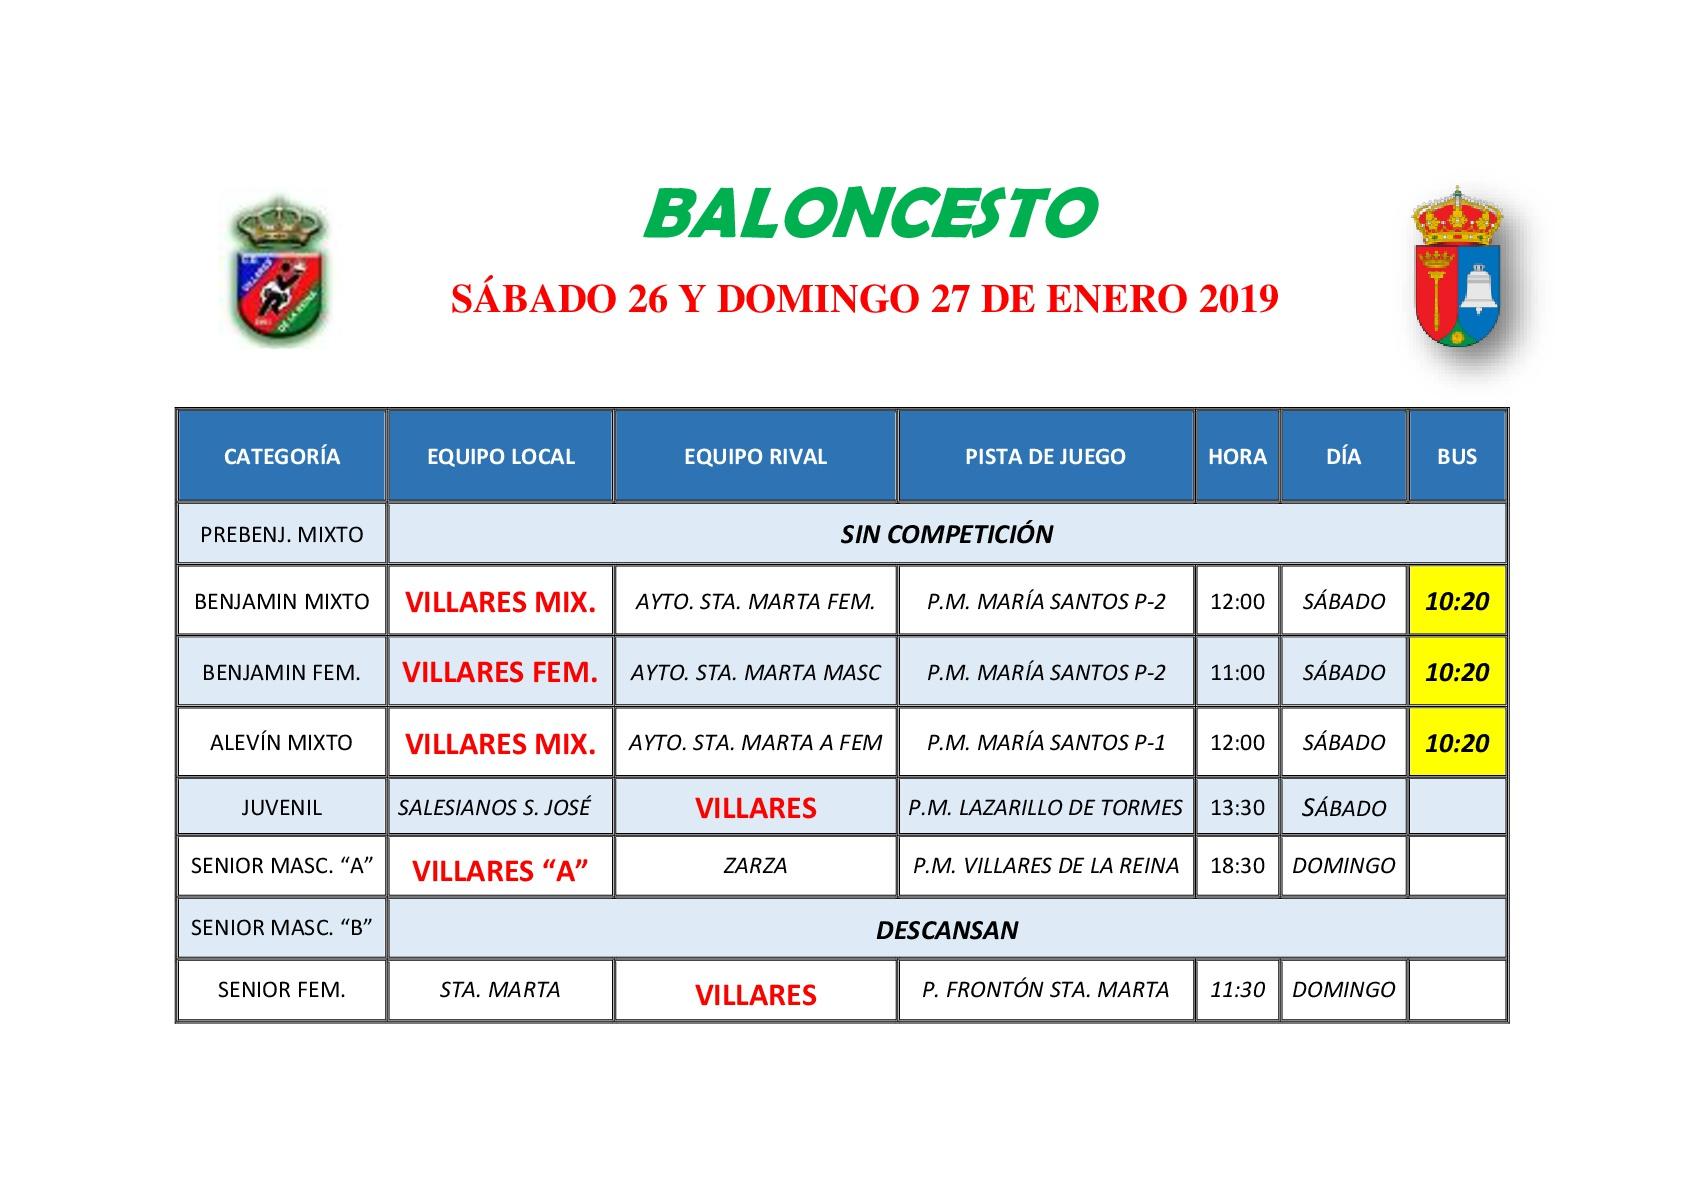 HORARIOS BALONCESTO S�BADO 26 Y DOMINGO 27 DE ENERO